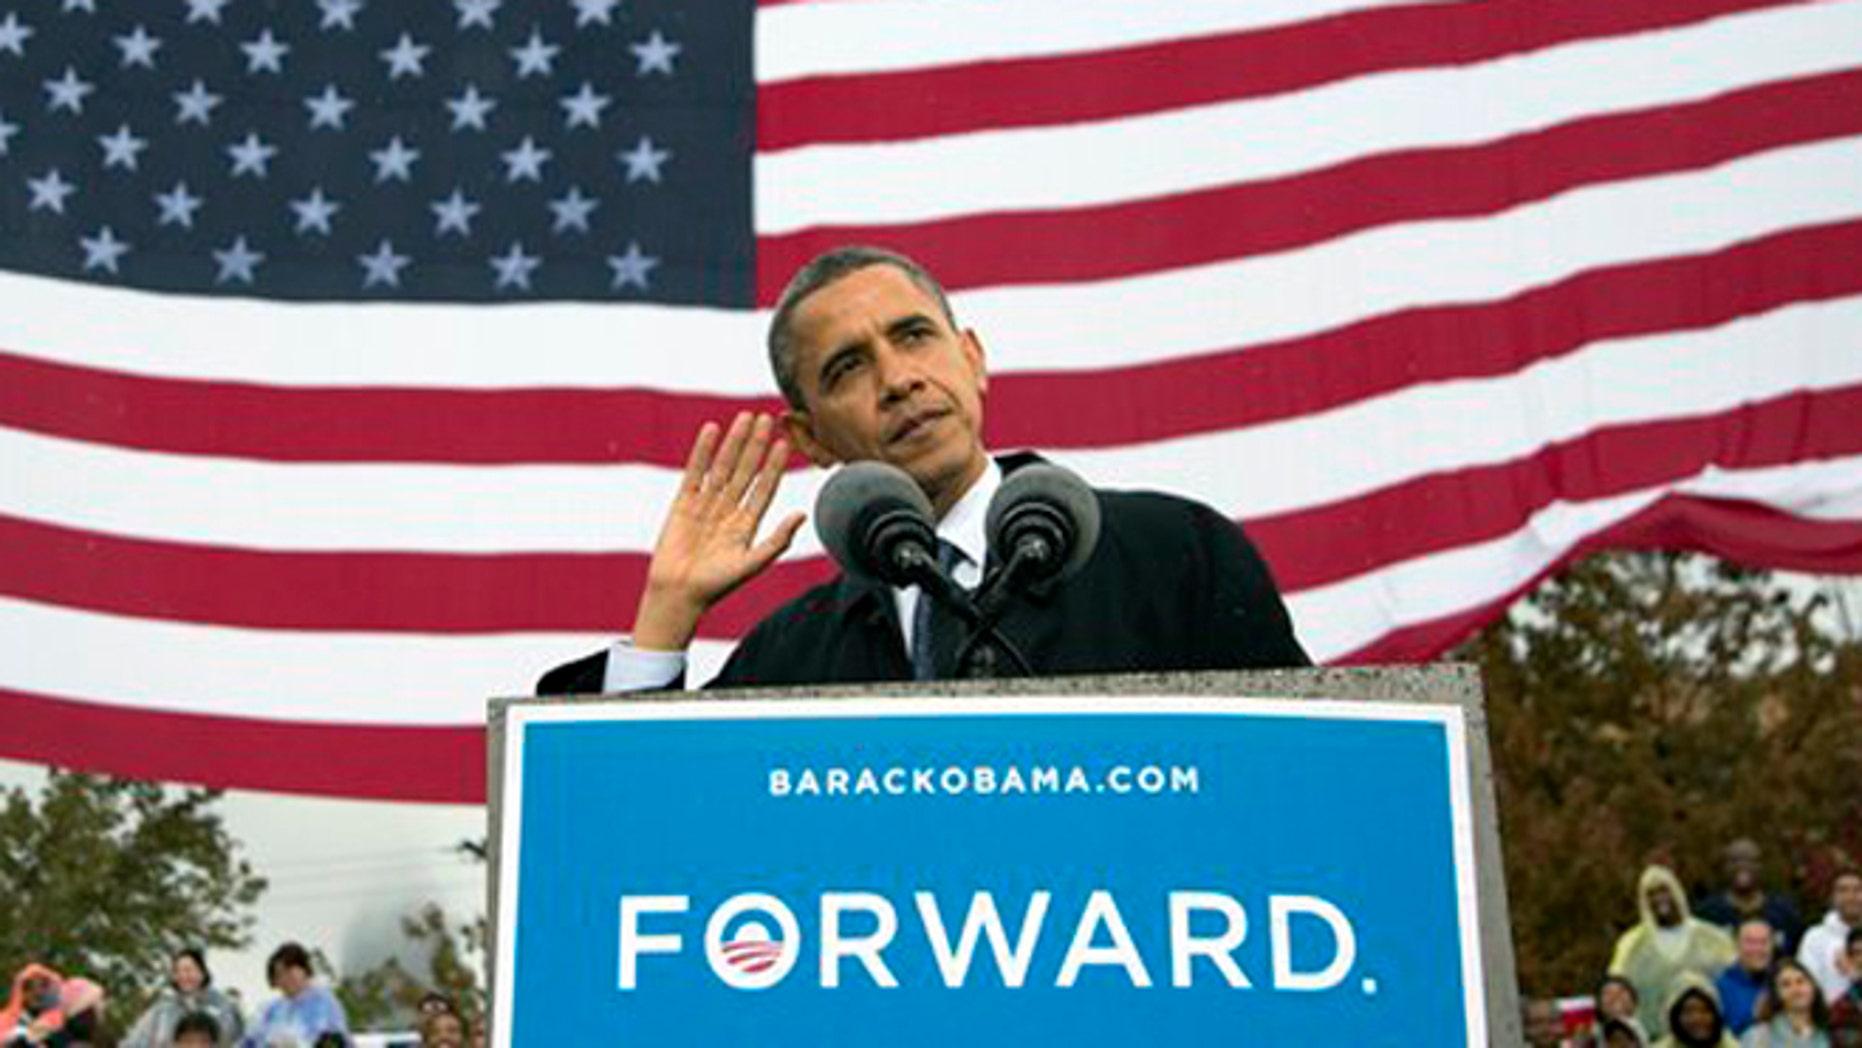 El presidente Barack Obama habla durante un acto de campaña en la Universidad Estatal de Cleveland, el viernes 5 de octubre de 2012, en Cleveland. (Foto AP/Carolyn Kaster)